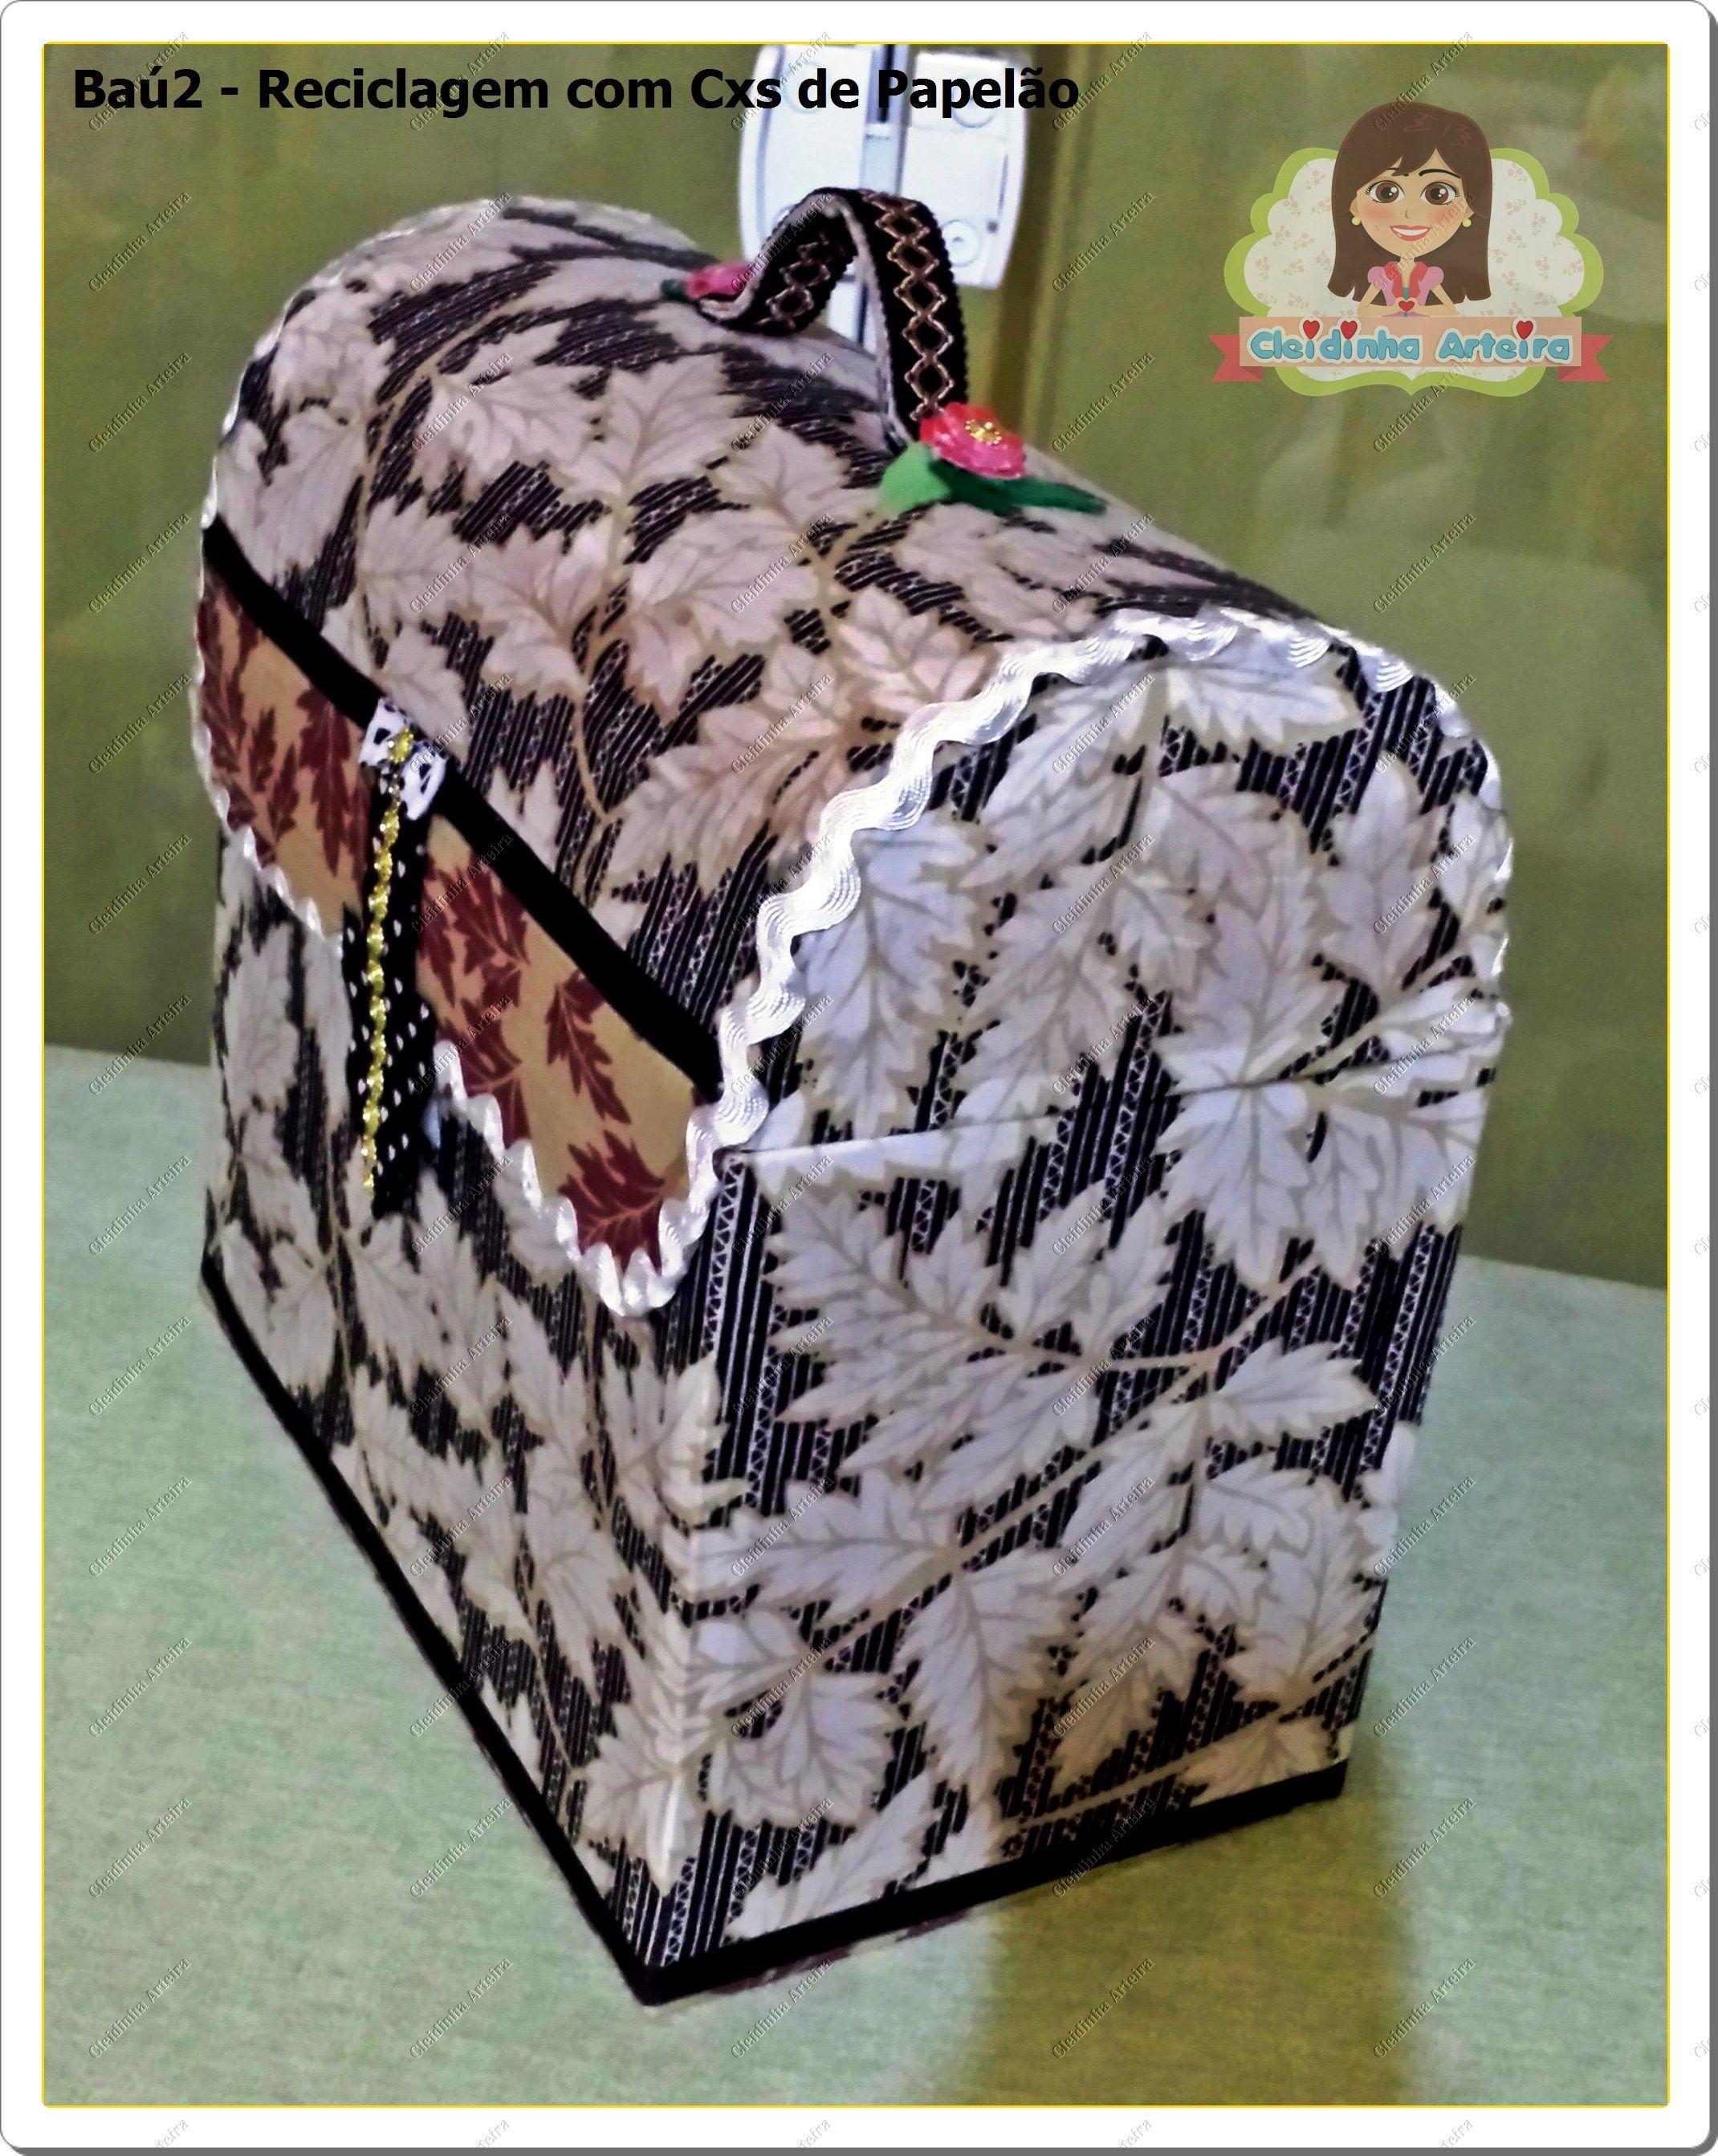 Baú para retalhos de tecido do atelier Cleidinha Arteira mimos em Feltro